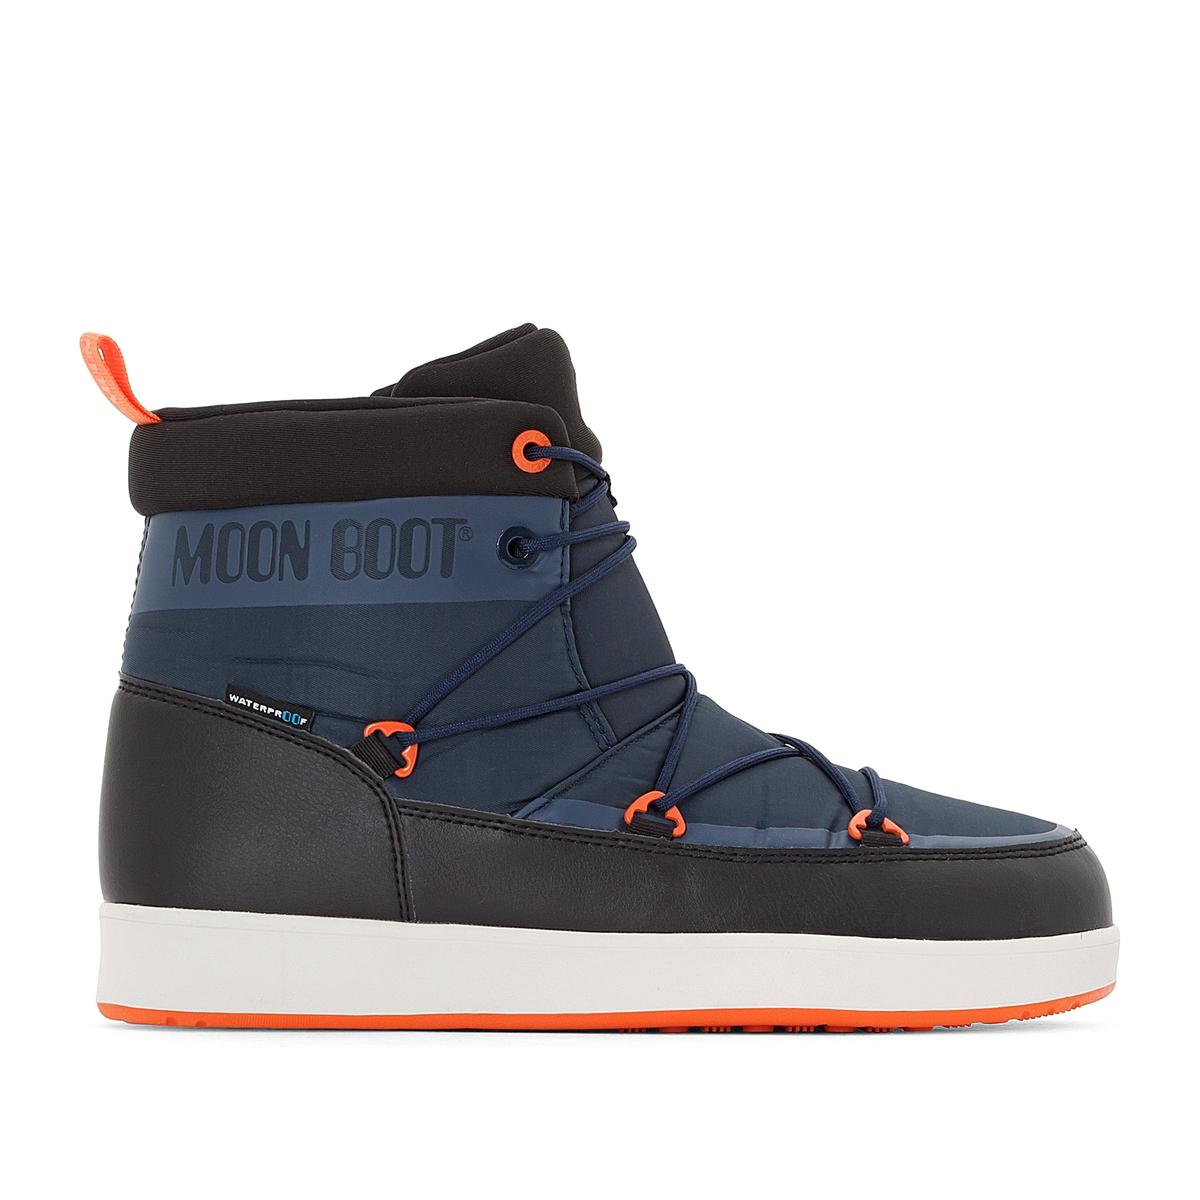 Ботильоны Neil moon boot лыжная одежда